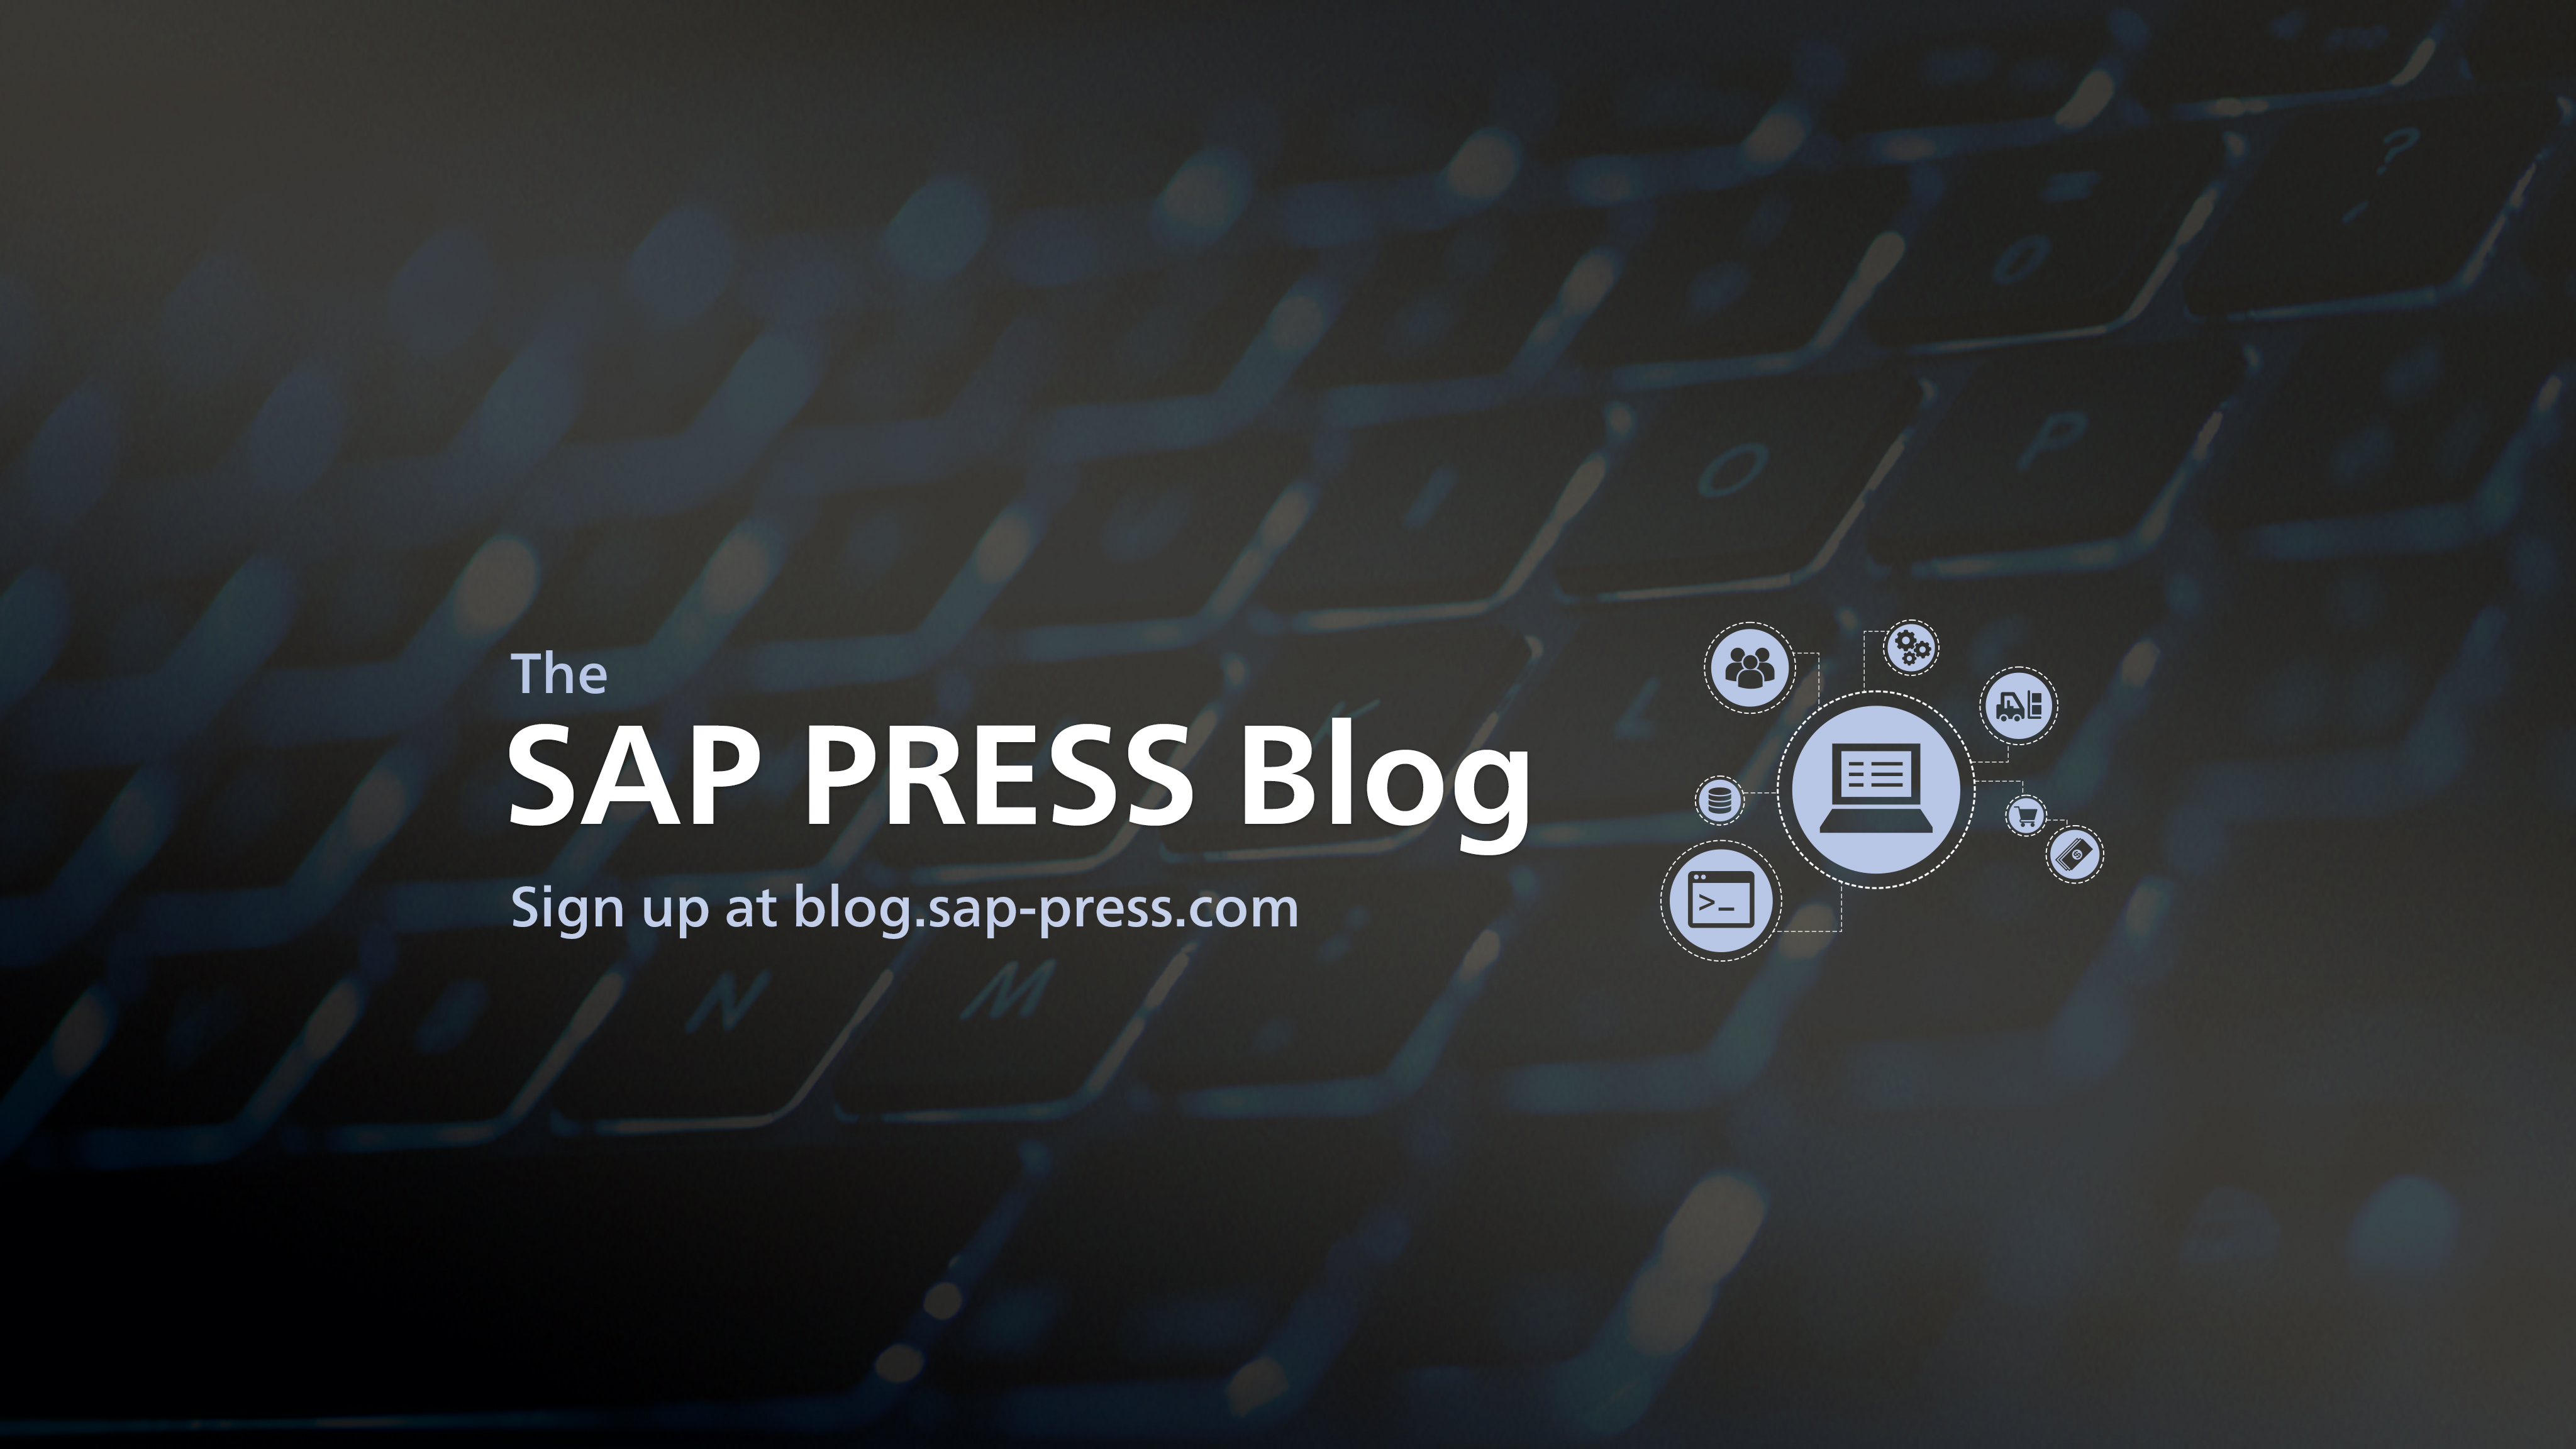 SAP_PRESS_blog-1